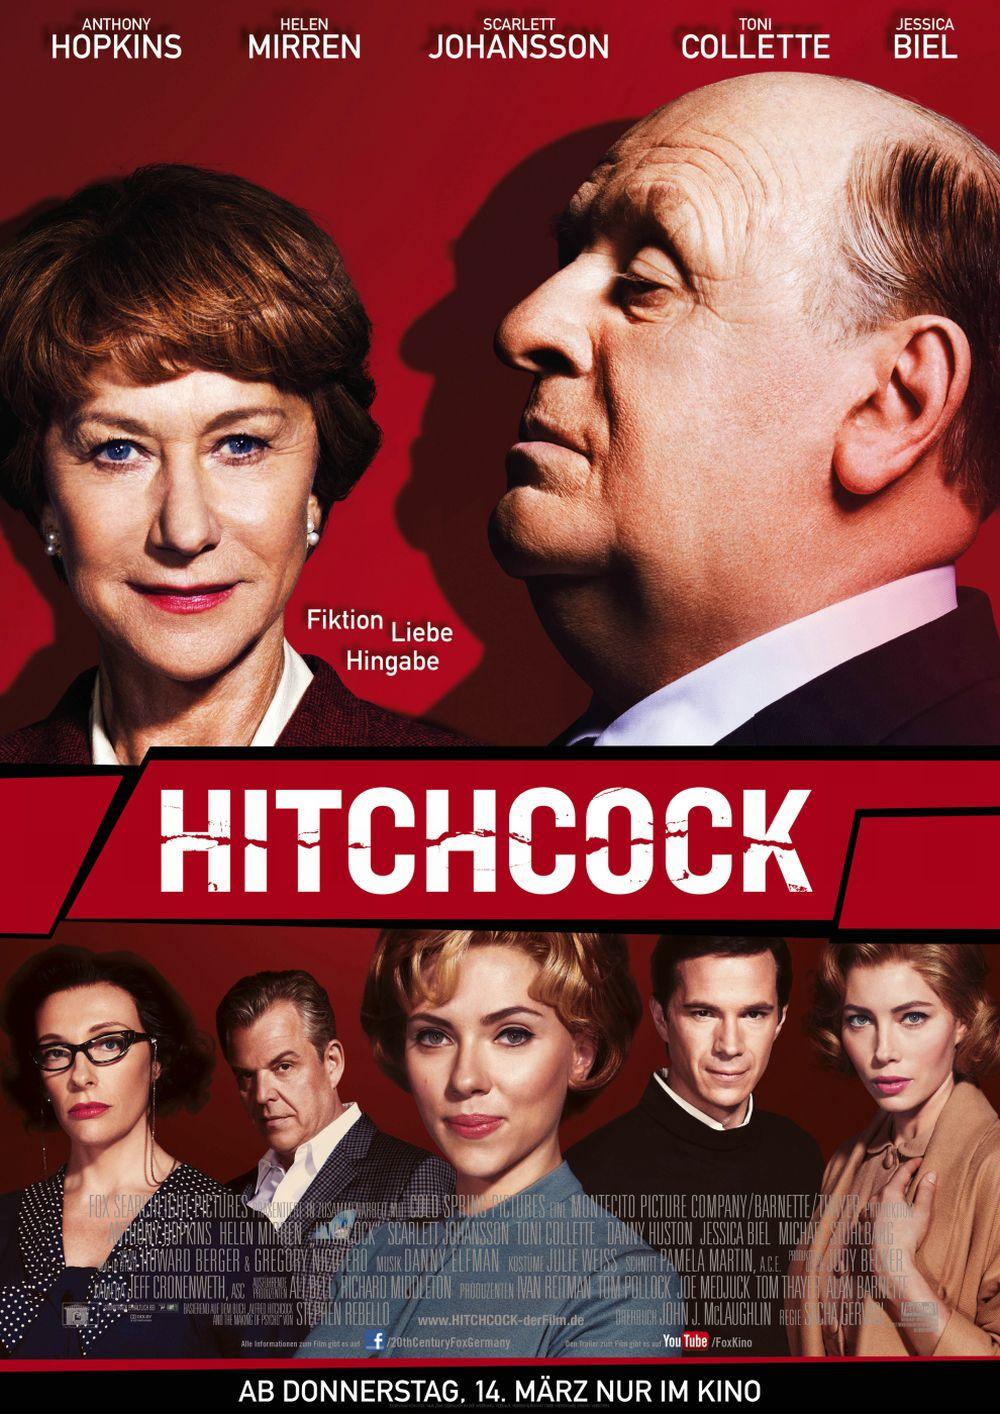 2012 Der Film